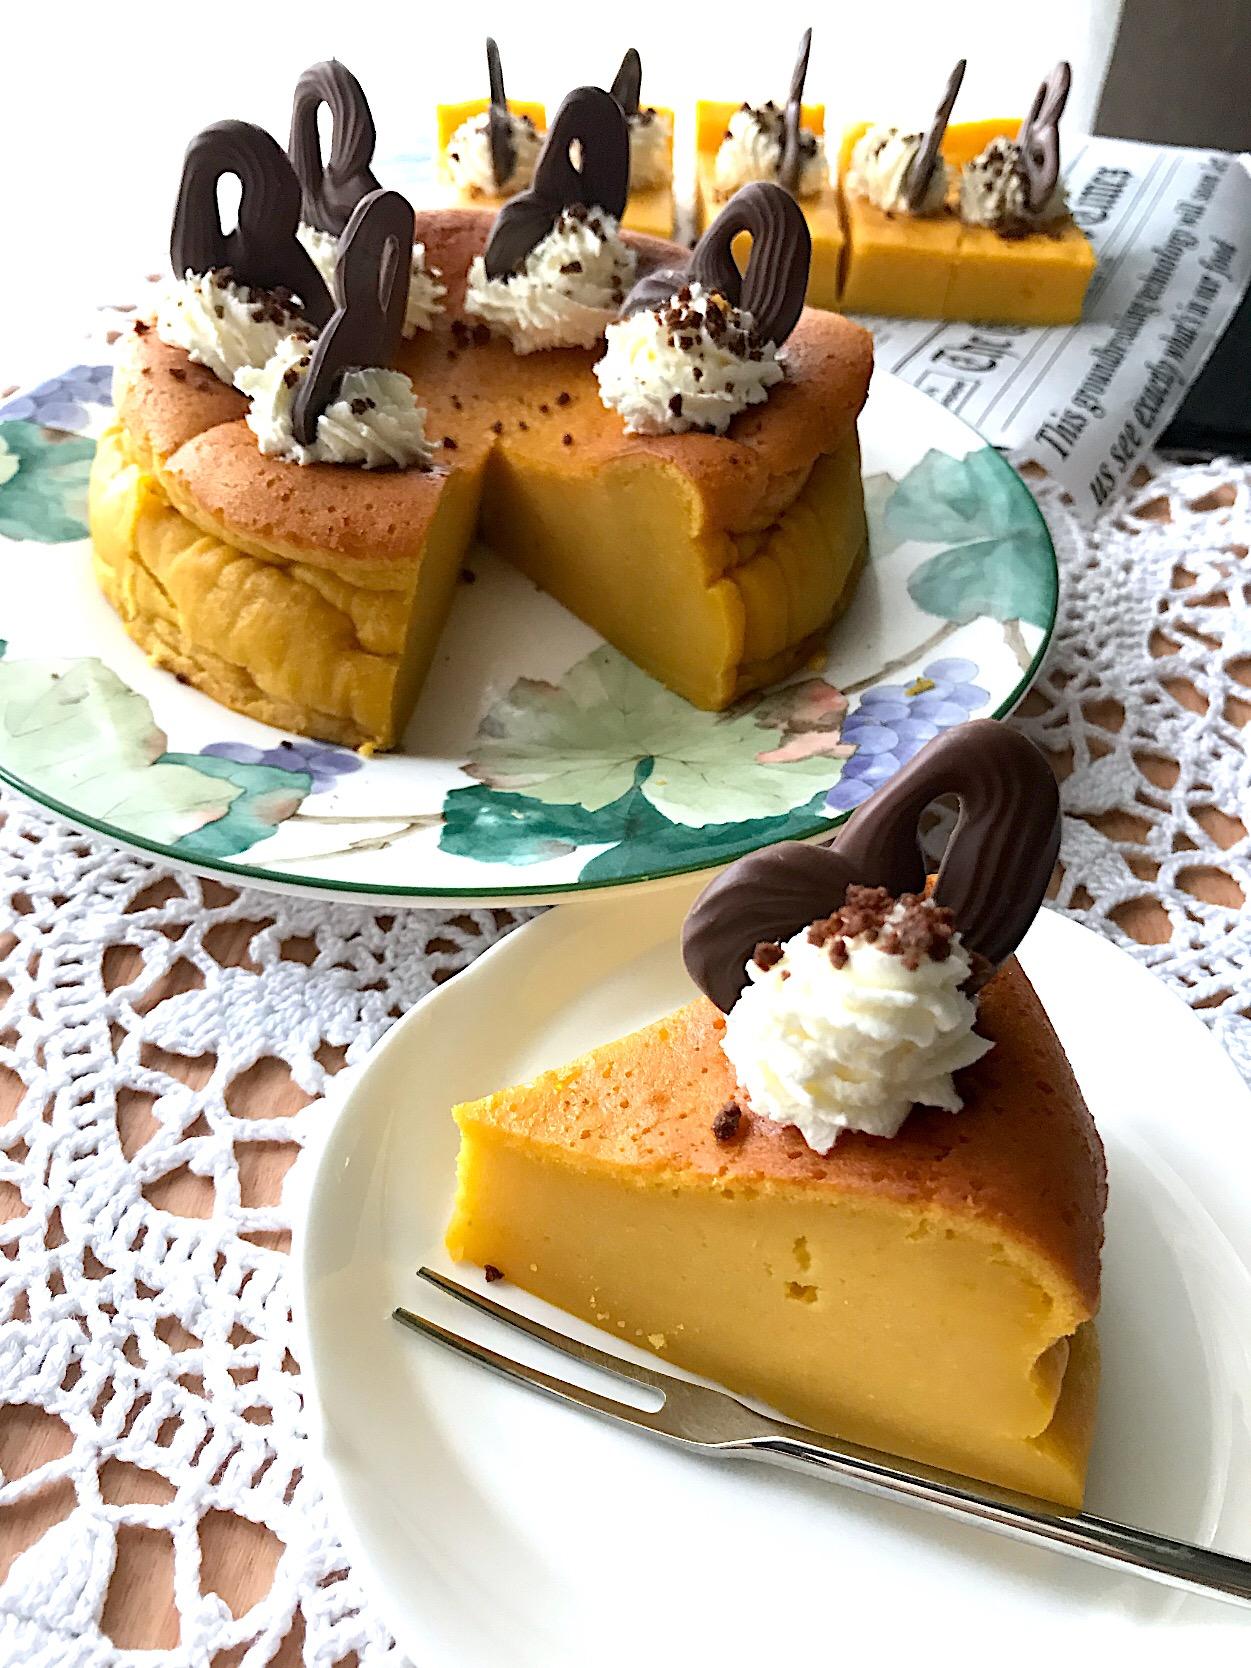 かぼちやプリンケーキ? ケーキなのプリンなの?